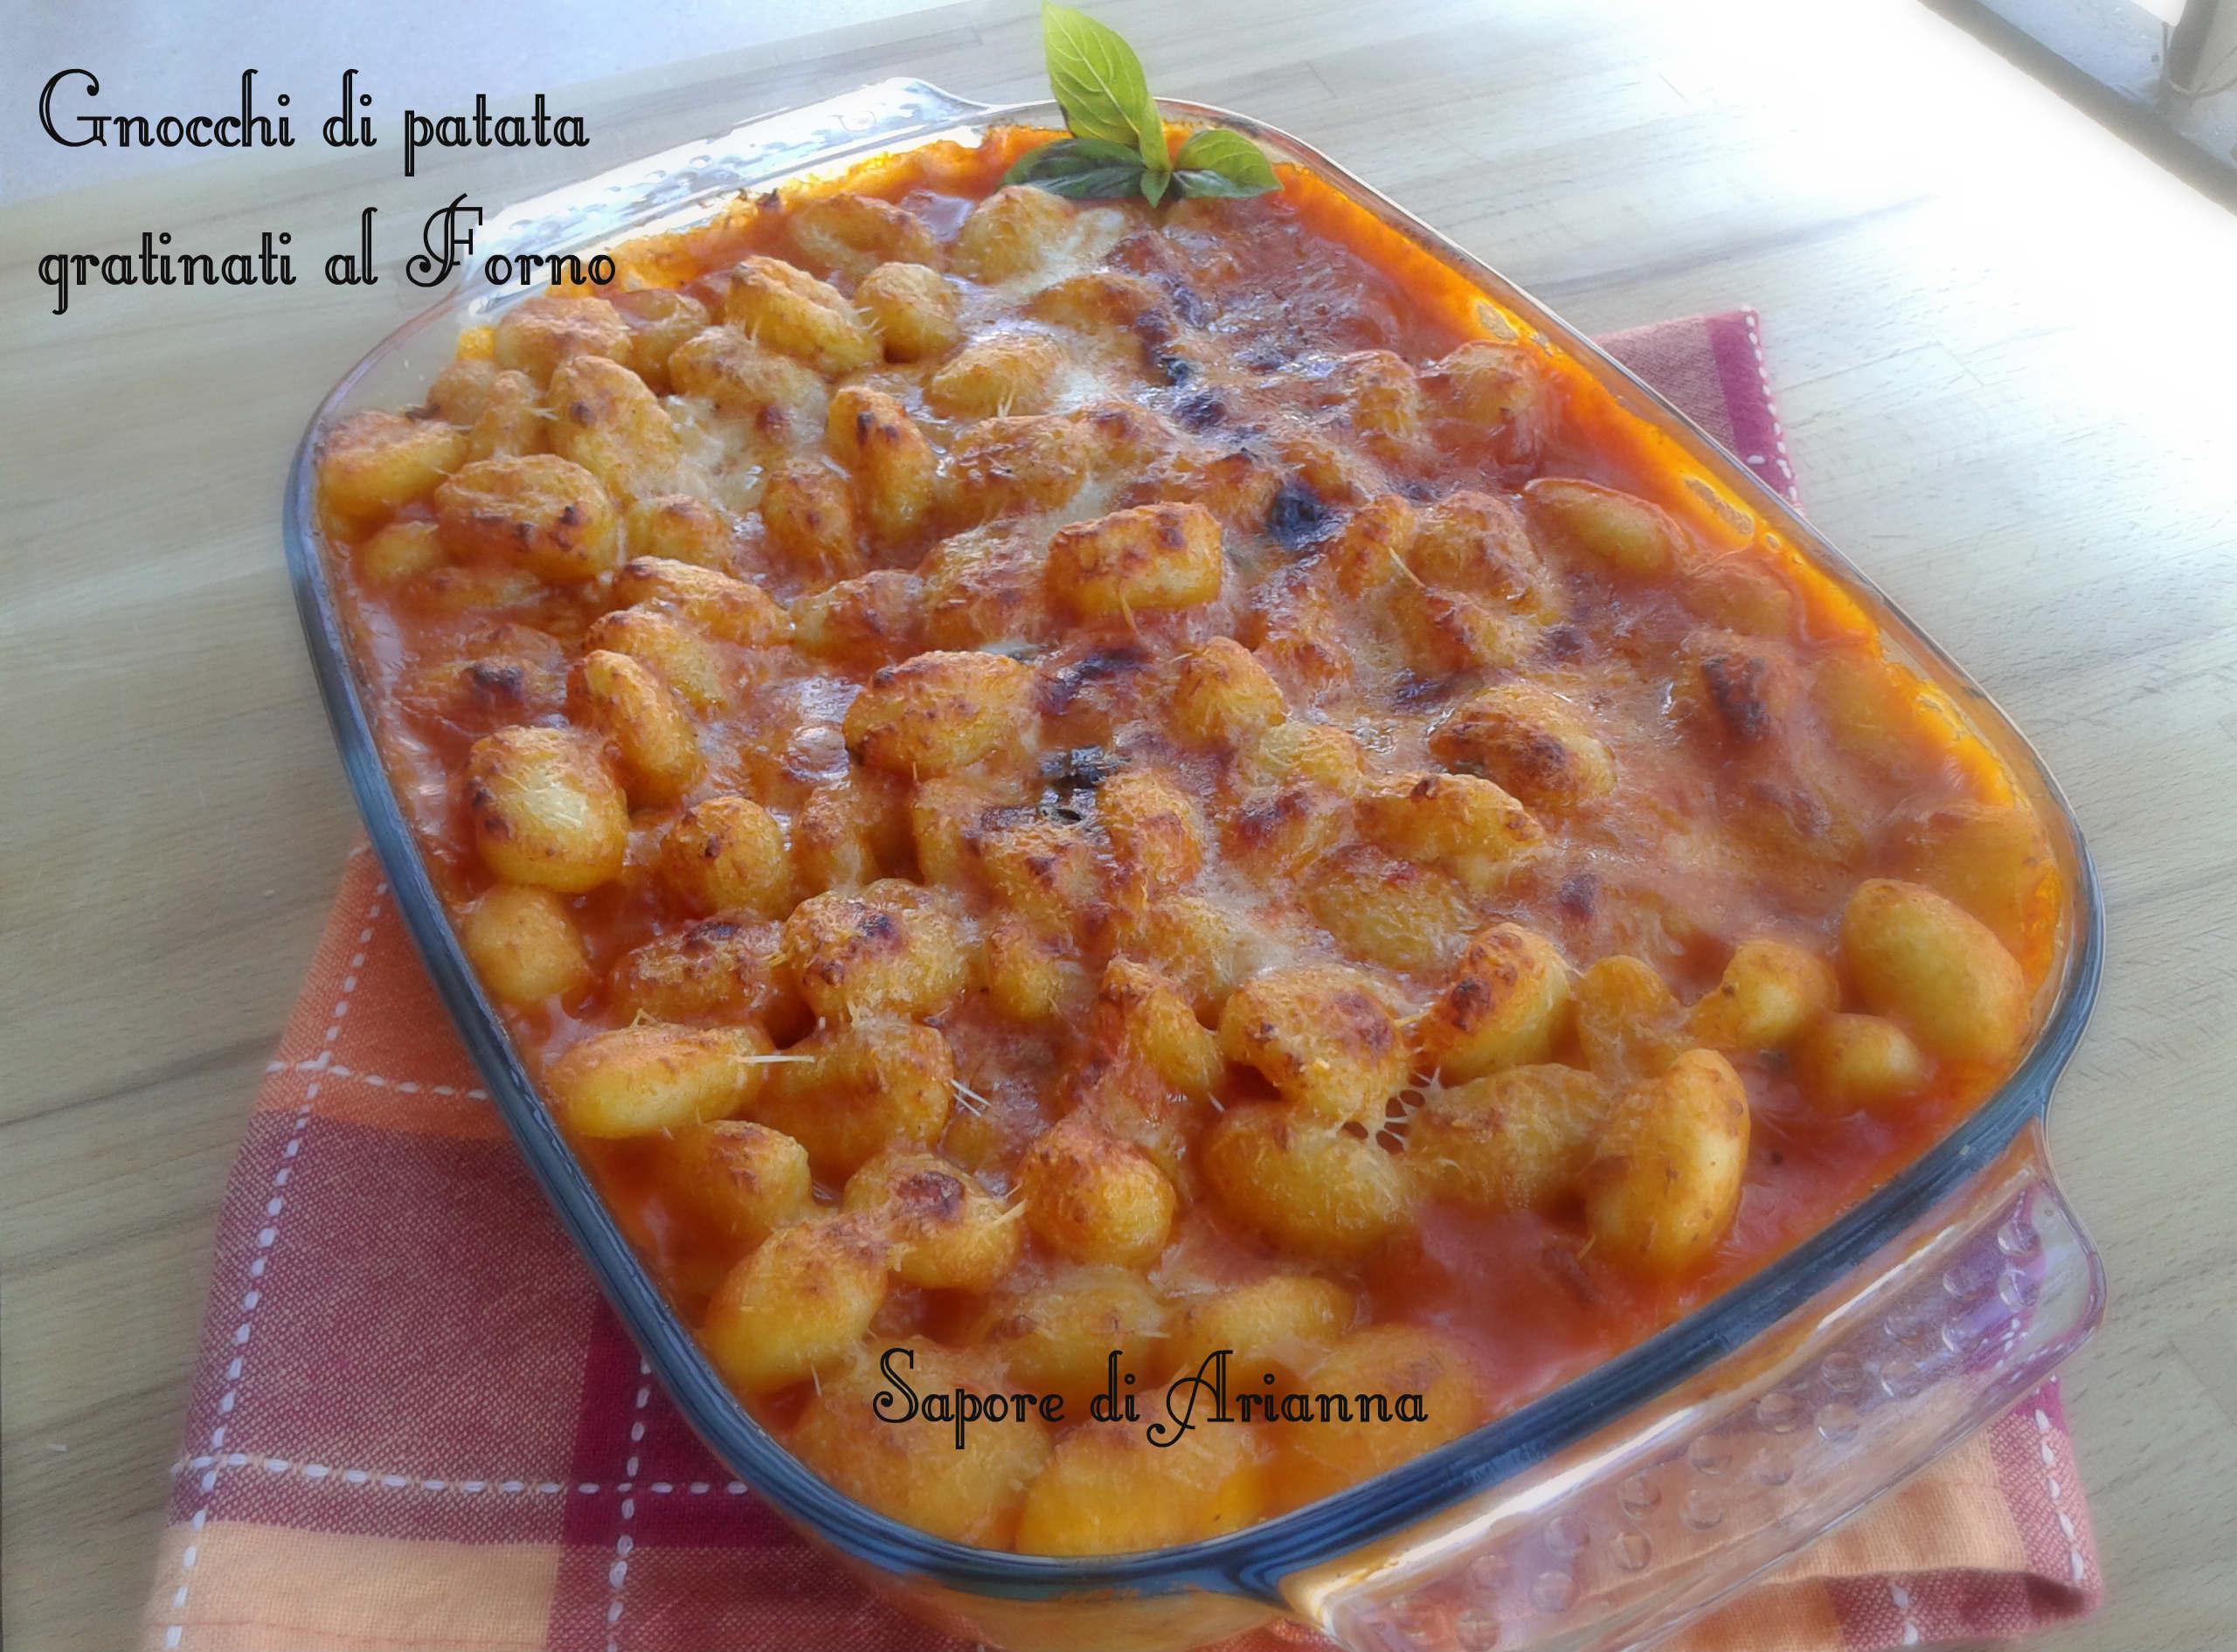 gnocchi di patata gratinati a forno, golosi&veloci   sapore di arianna - Come Cucinare Gli Gnocchi Di Patate